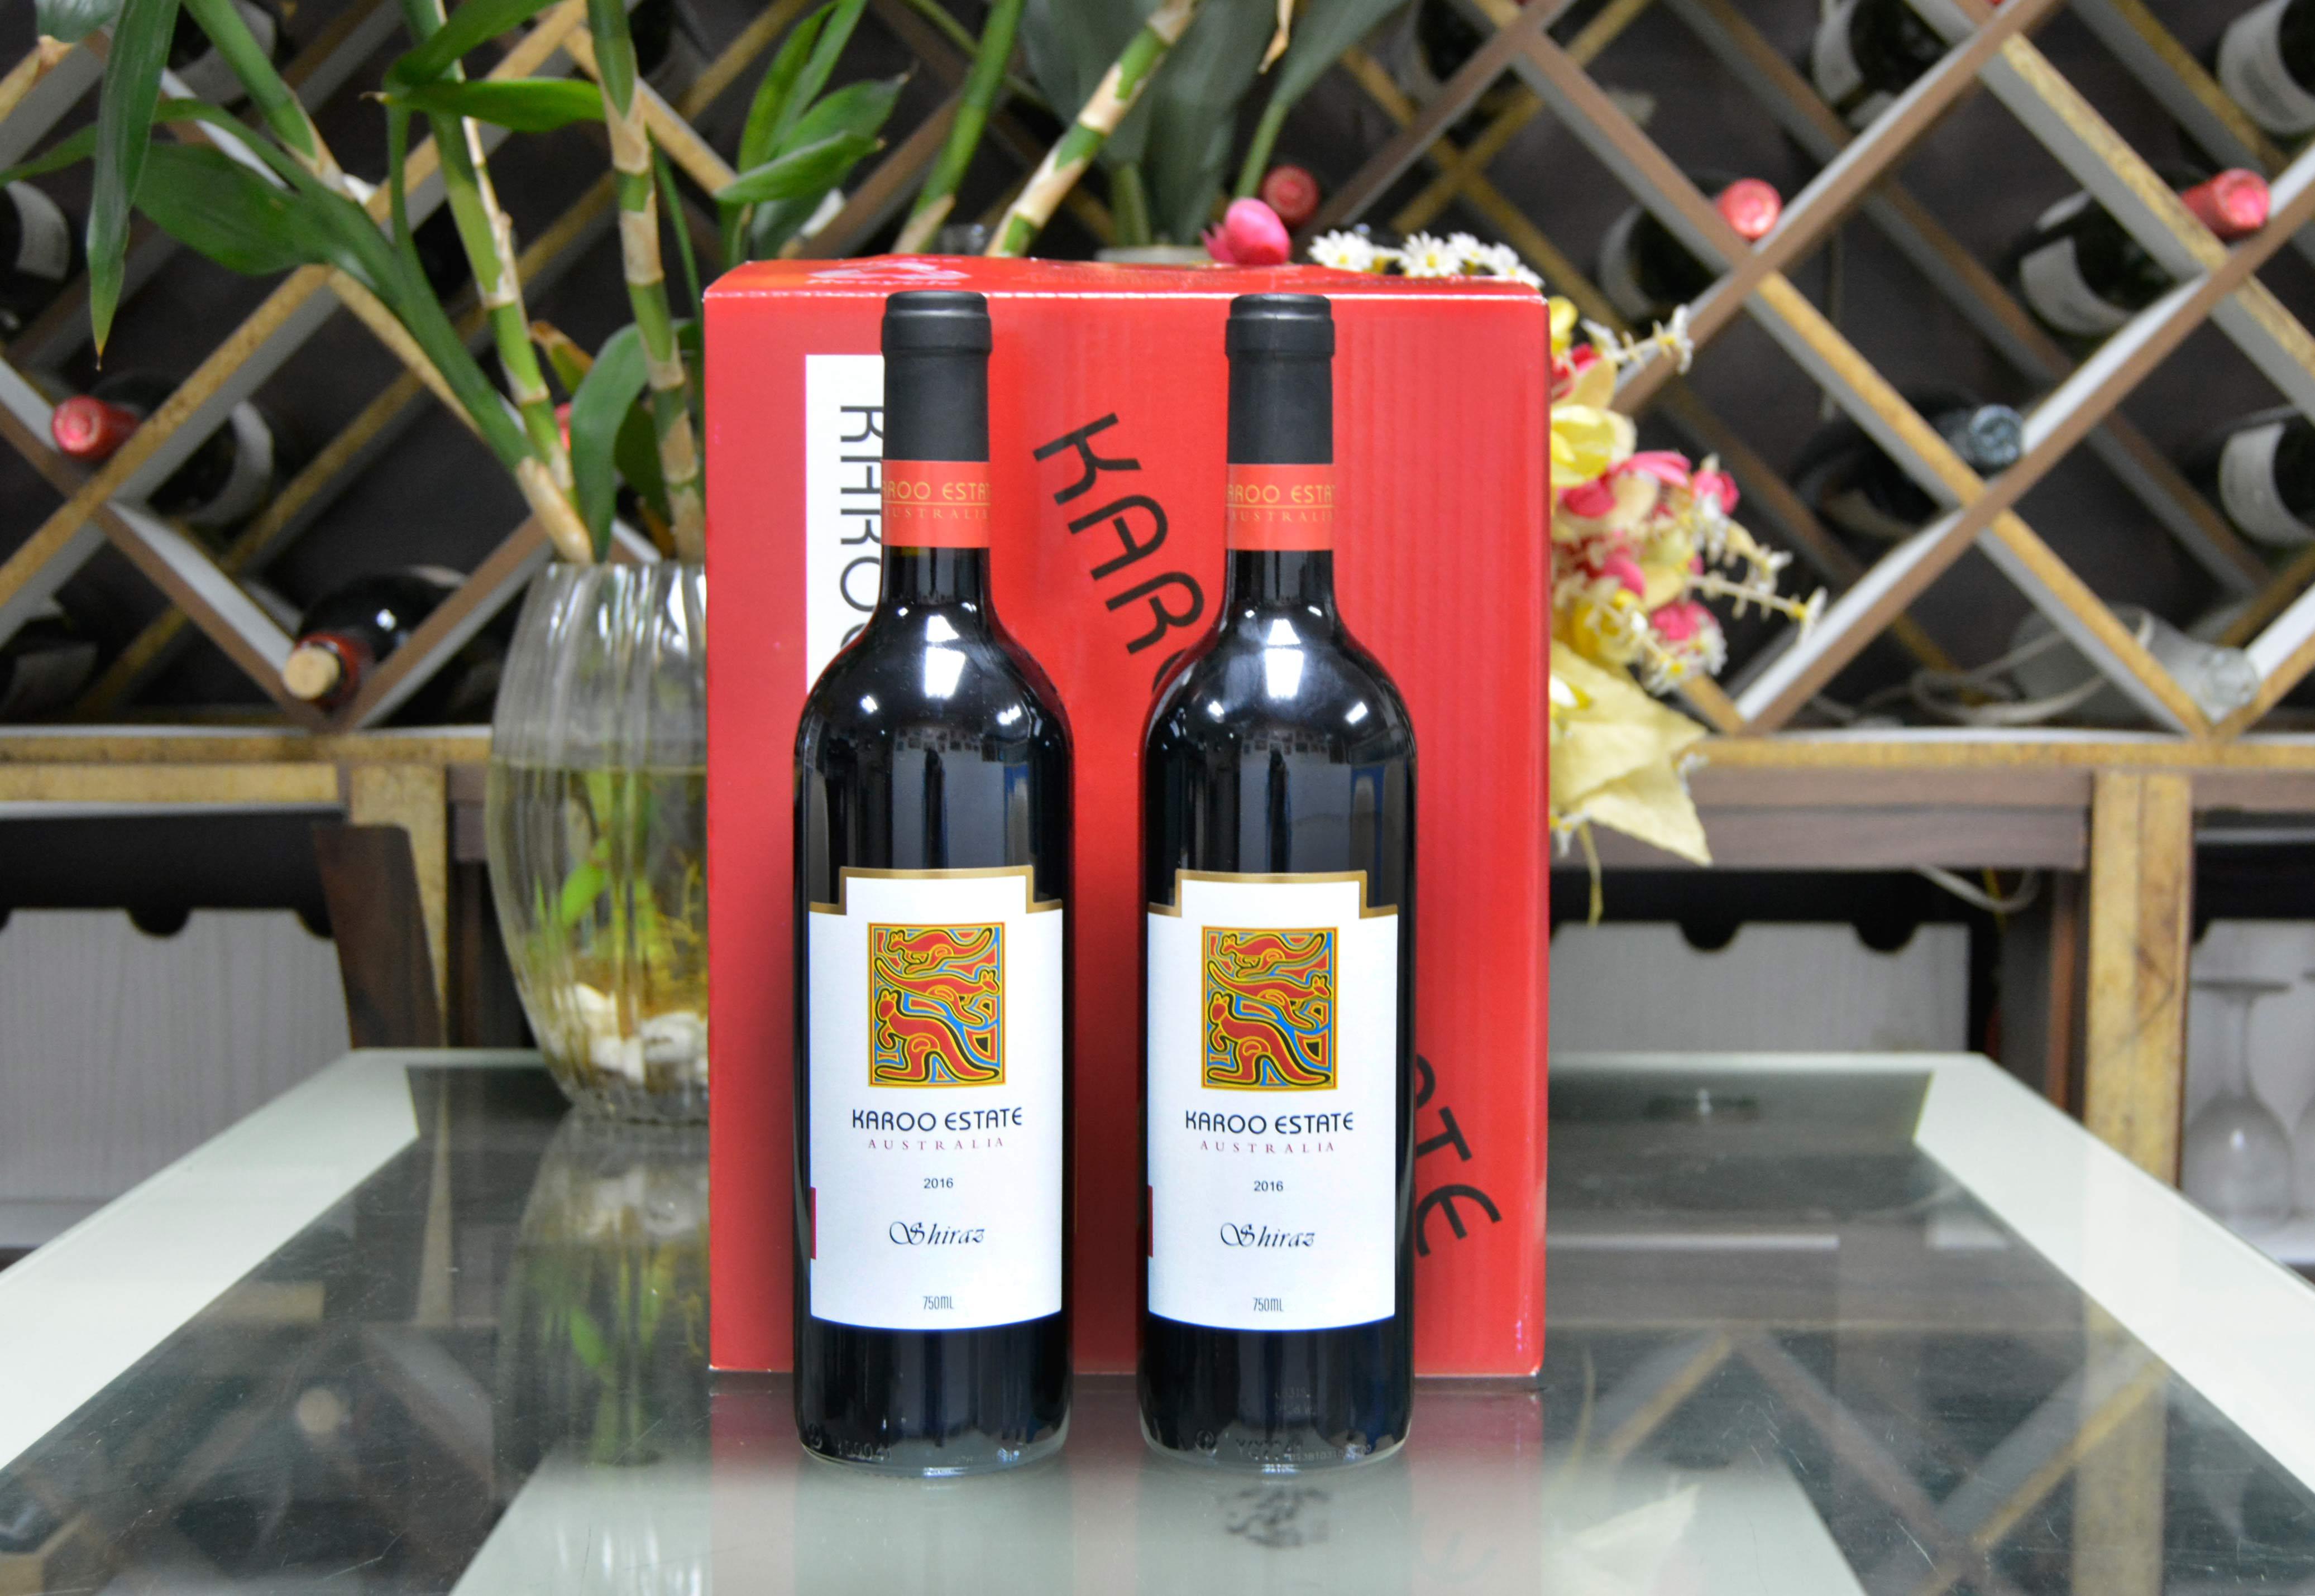 澳大利亚嘉露庄园红葡萄酒